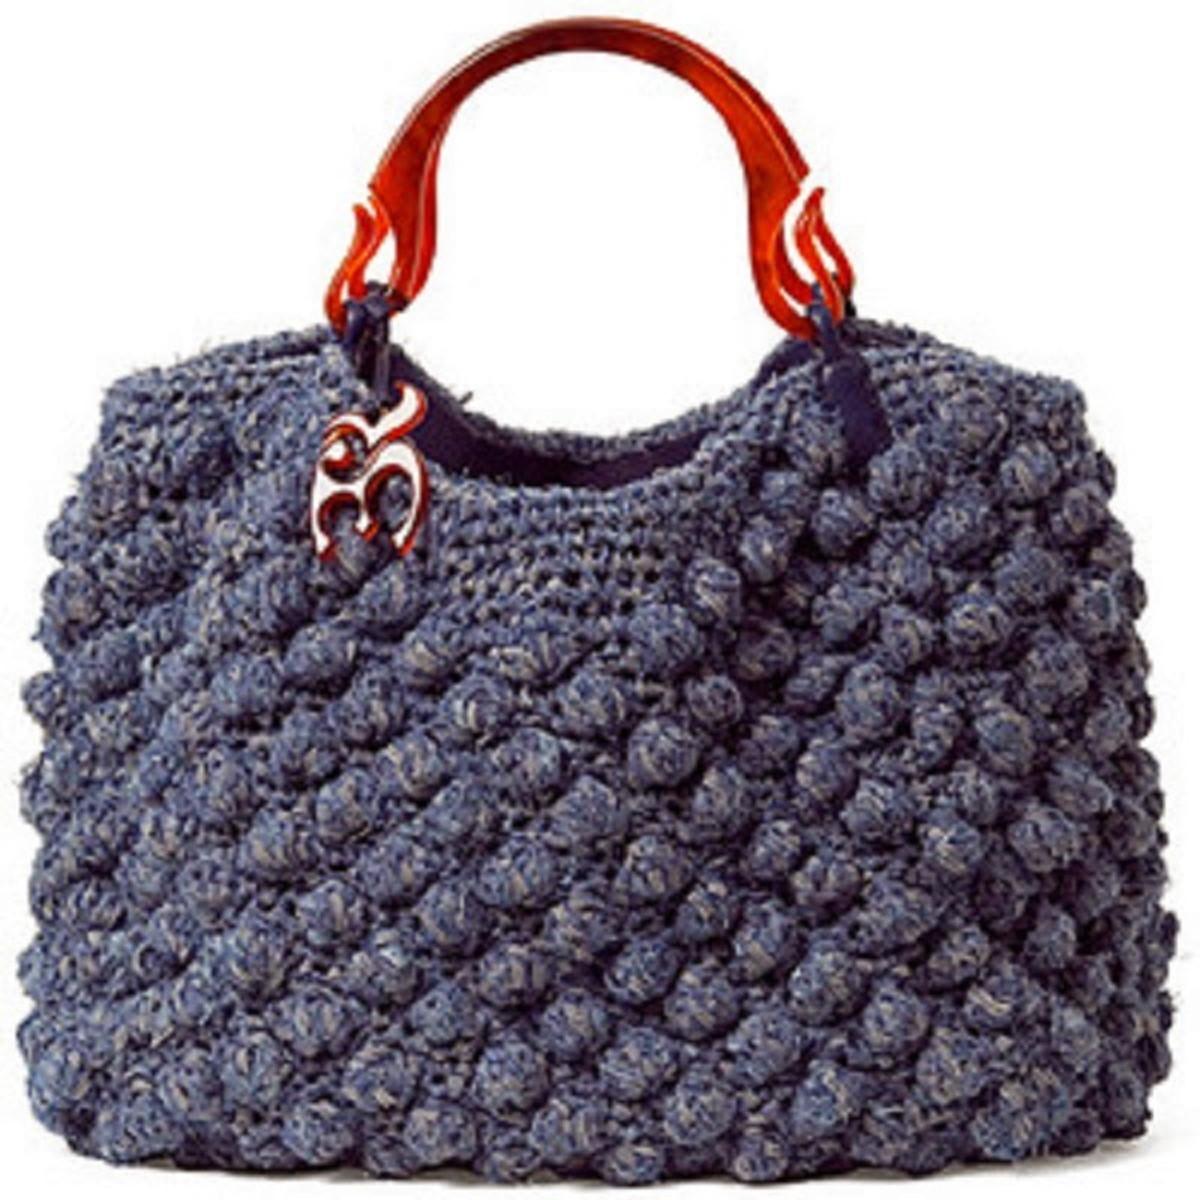 d386f4698 Bolsa Azul Croché Alça Couro no Elo7 | Davi Lopes Ferreira (C28303)